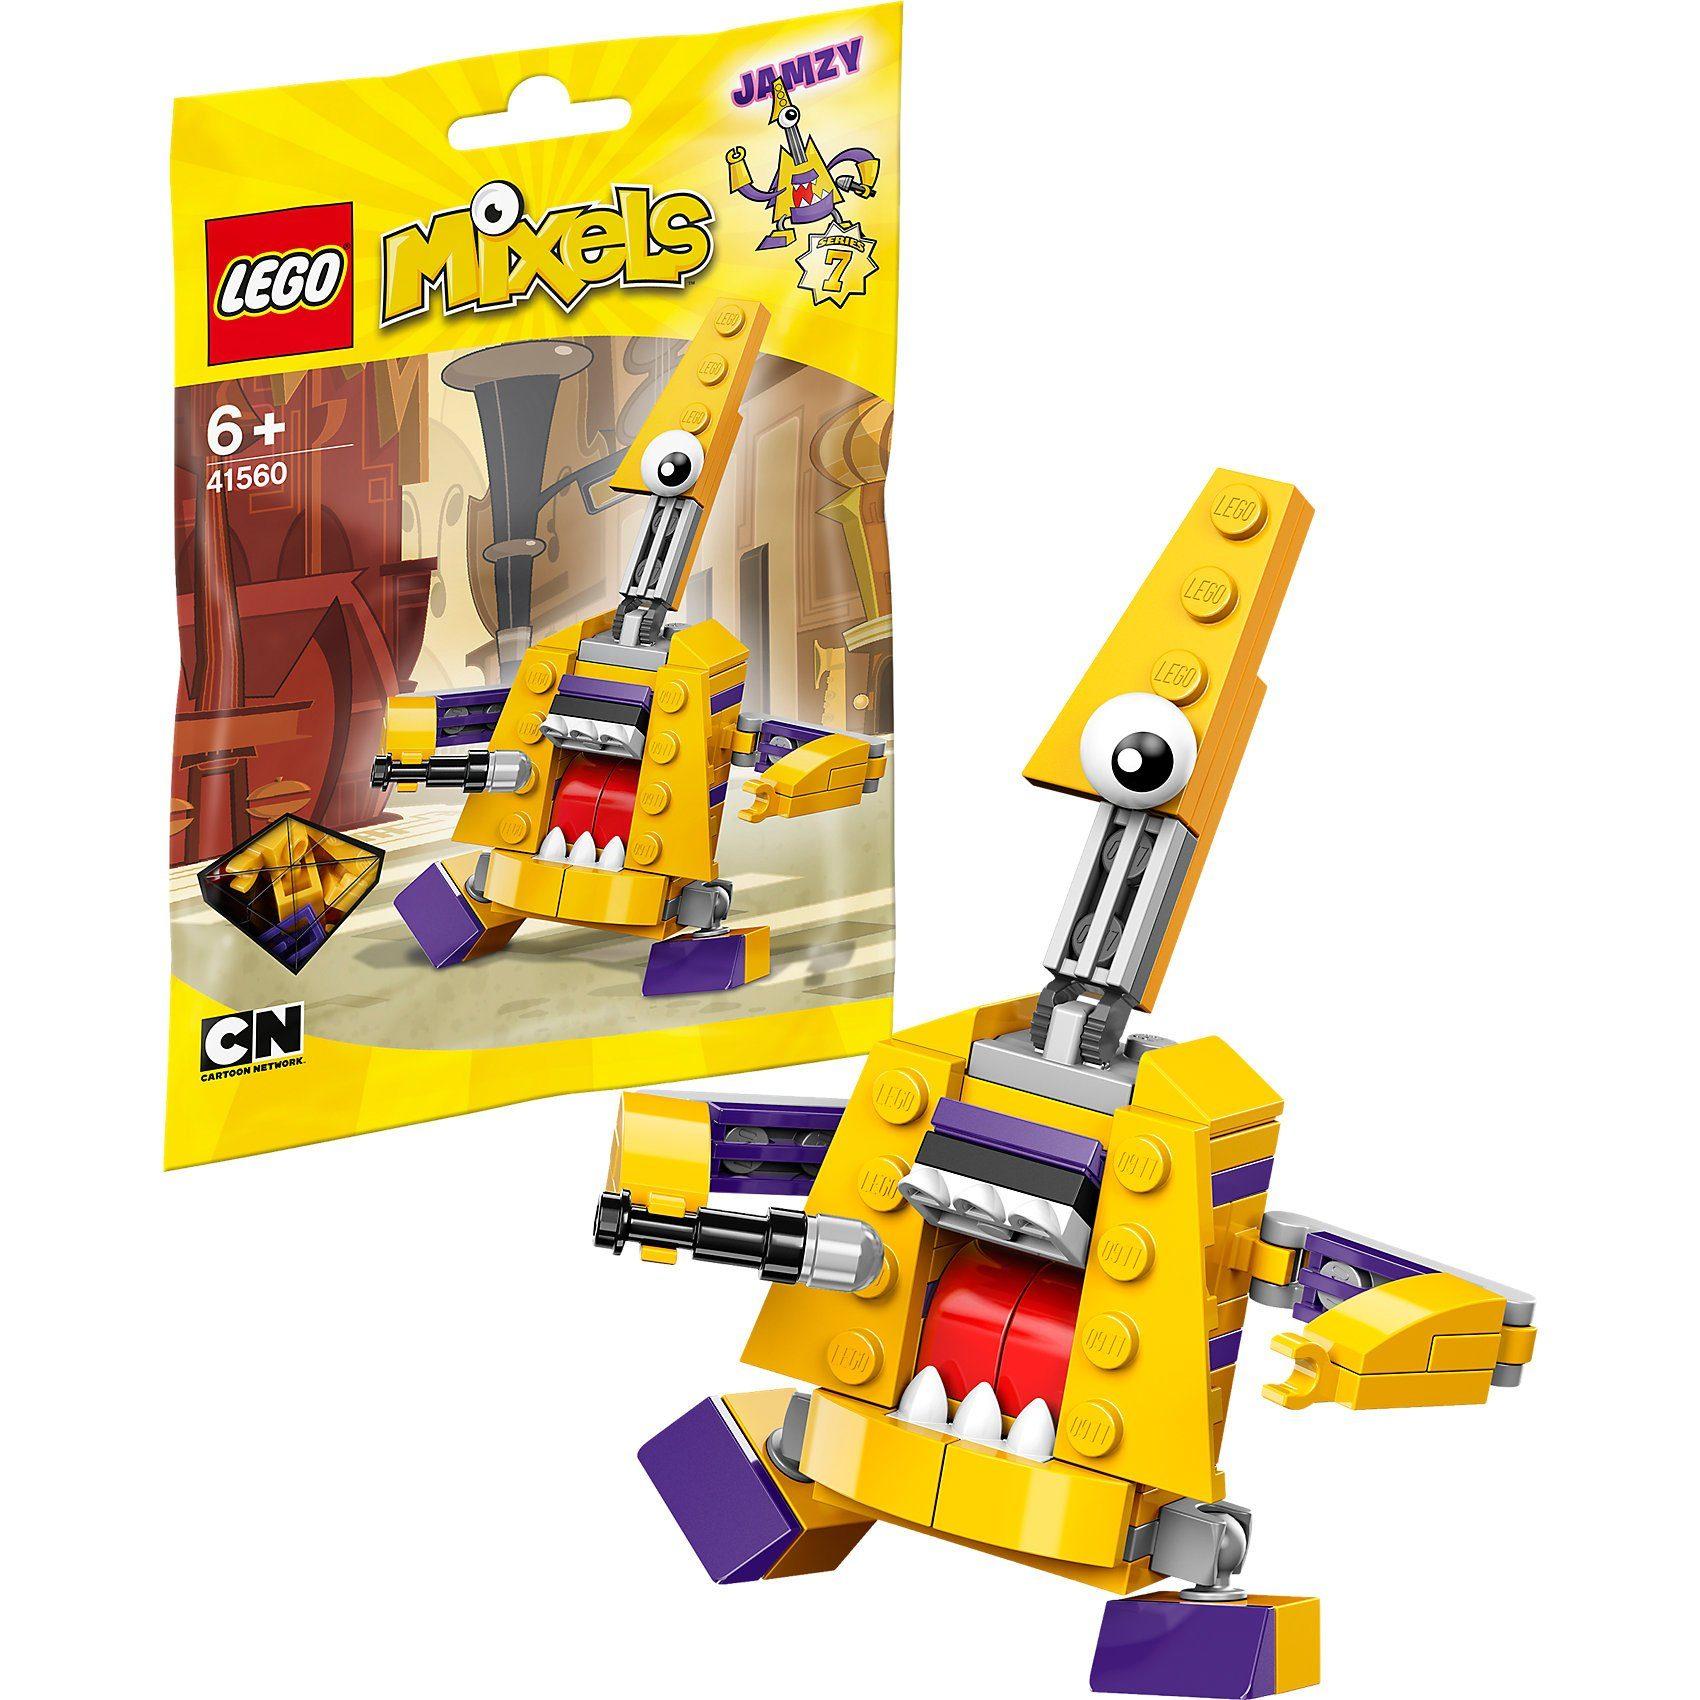 LEGO 41560 Mixels Jamzy